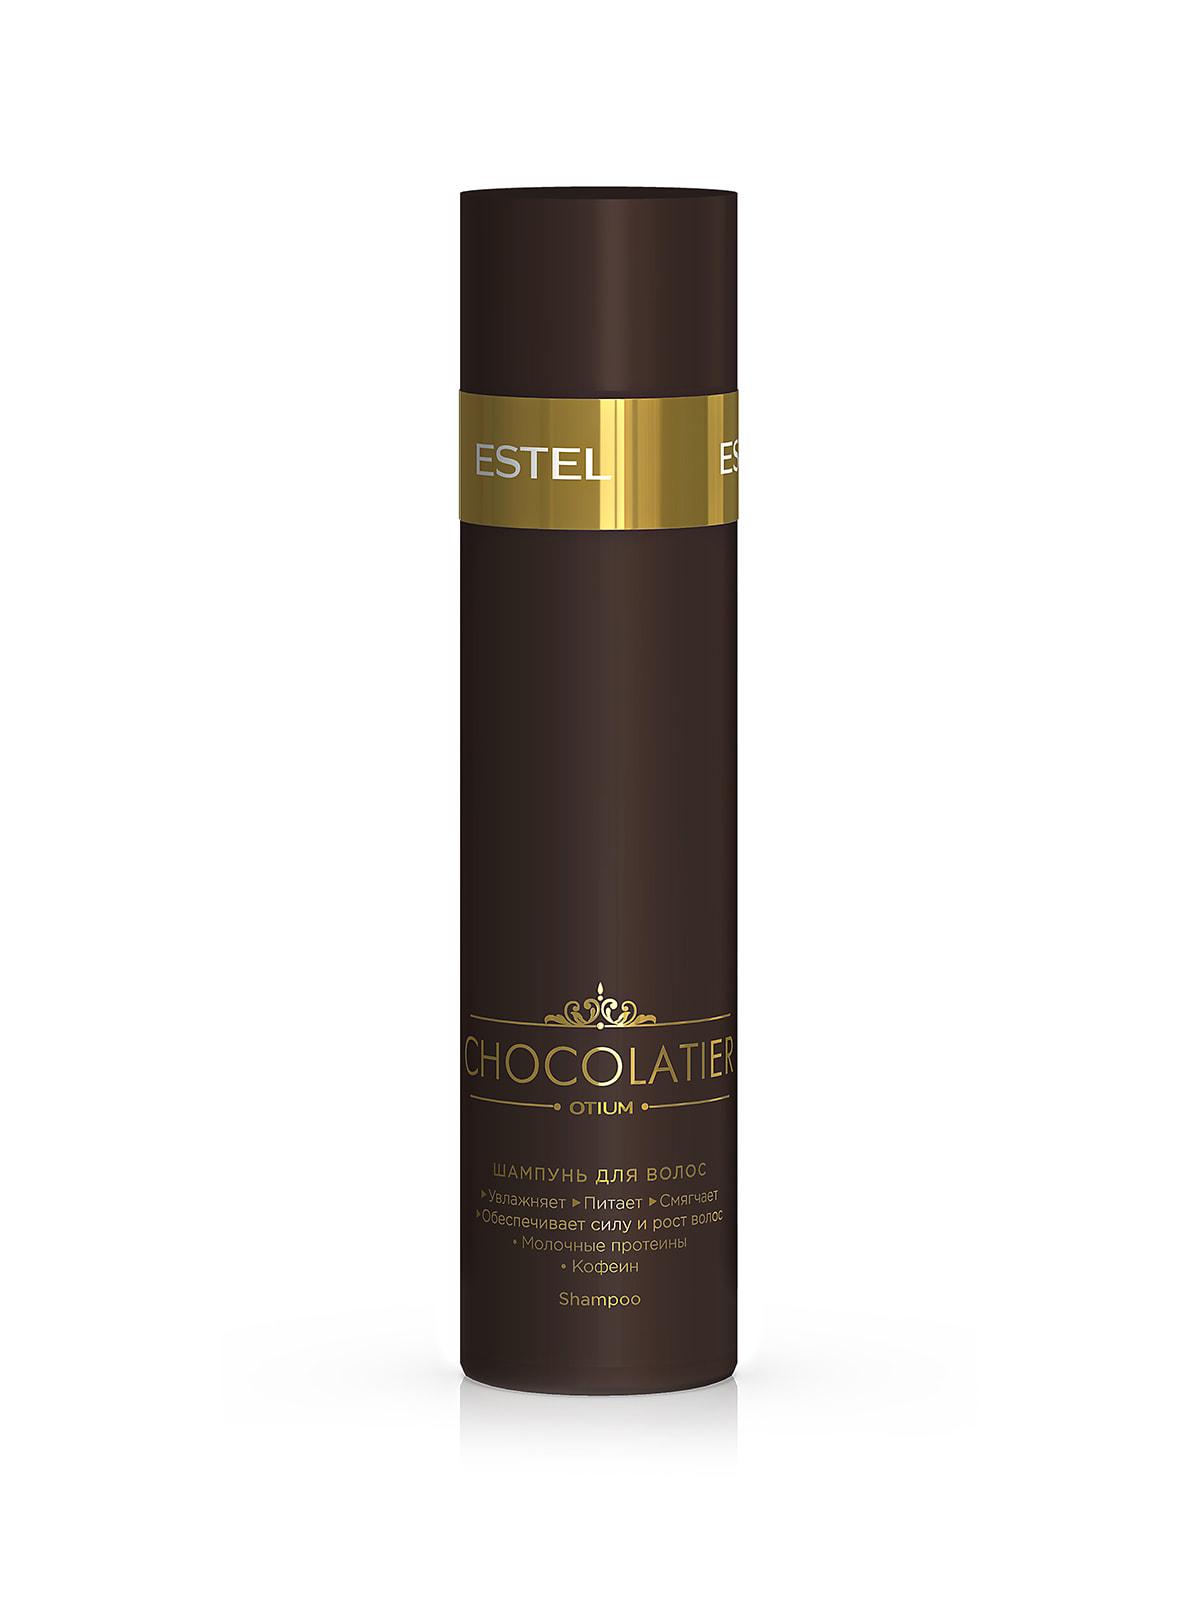 Шампунь для волос Chocolatier (250 мл) | 4694000